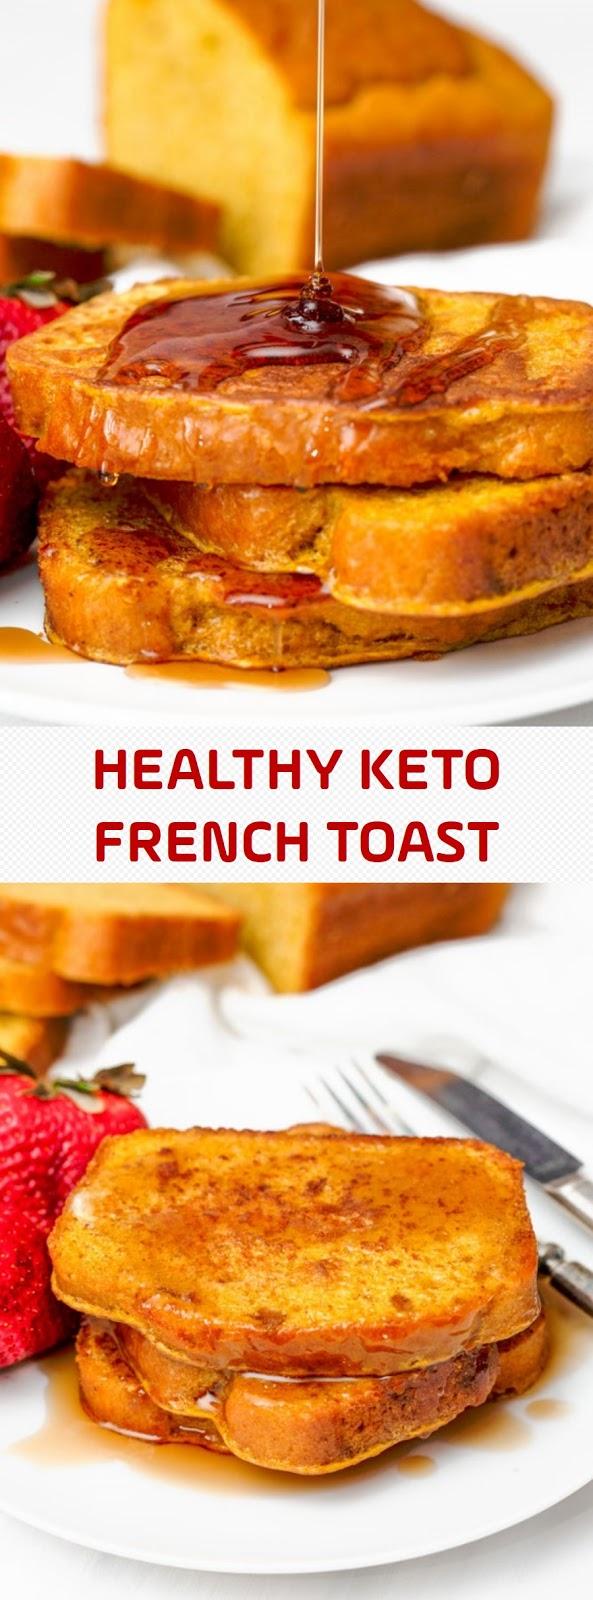 HEALTHY KETO FRENCH TOAST